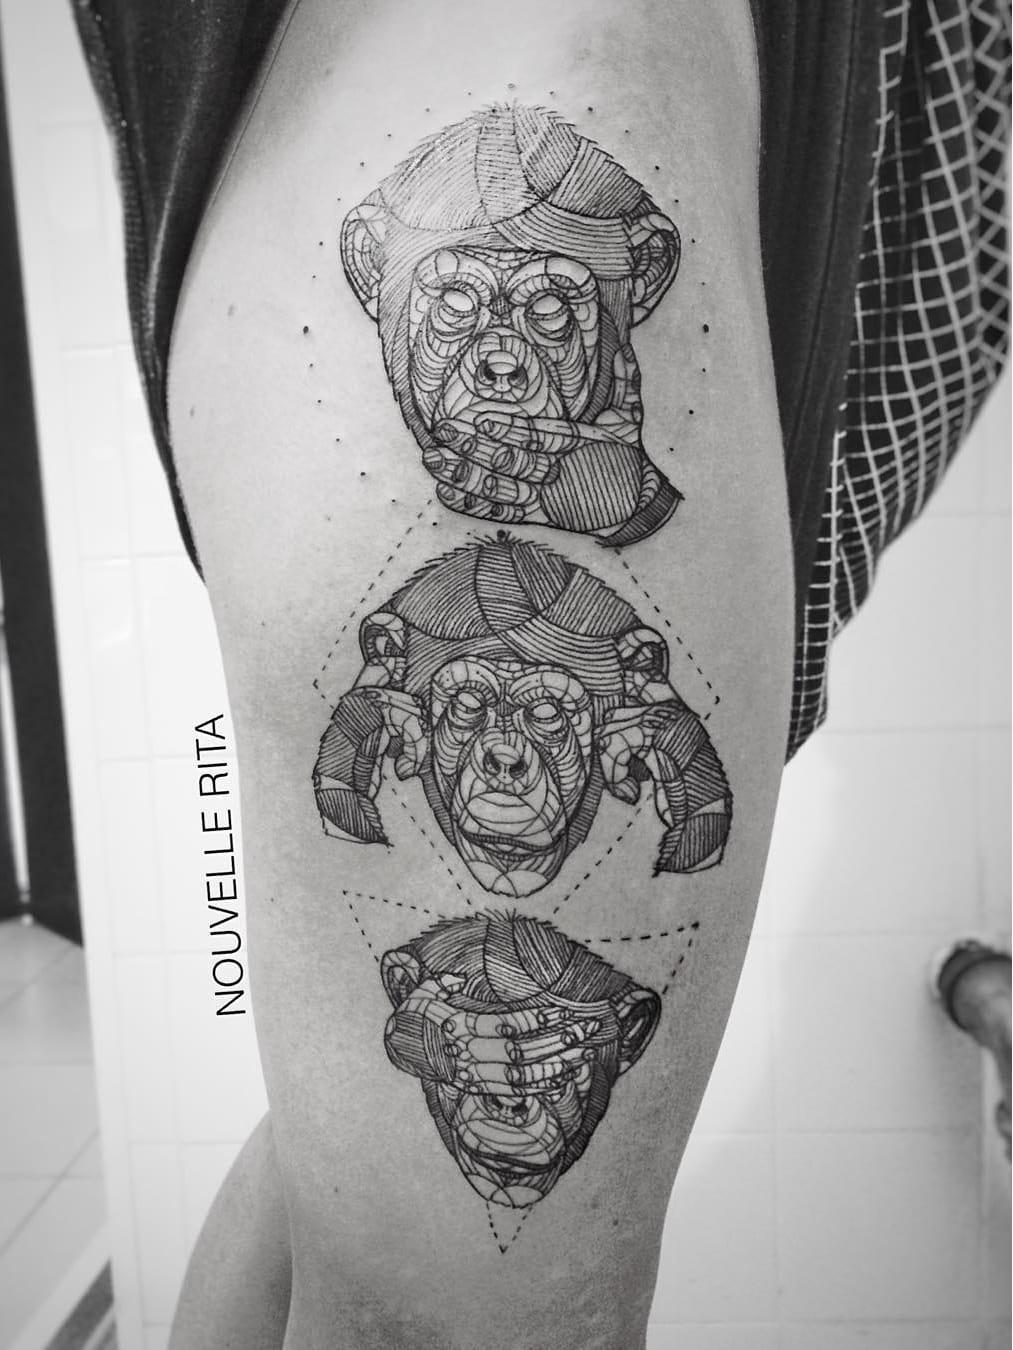 Não ouça mal, não fale mal, não veja o mal #NouvelleRita #macacotattoo #monkeytattoo #macaco #monkey #tresmacacossabios #ThreeMonkeys #triangulo #triangle #circle #circulo #losango #diamond